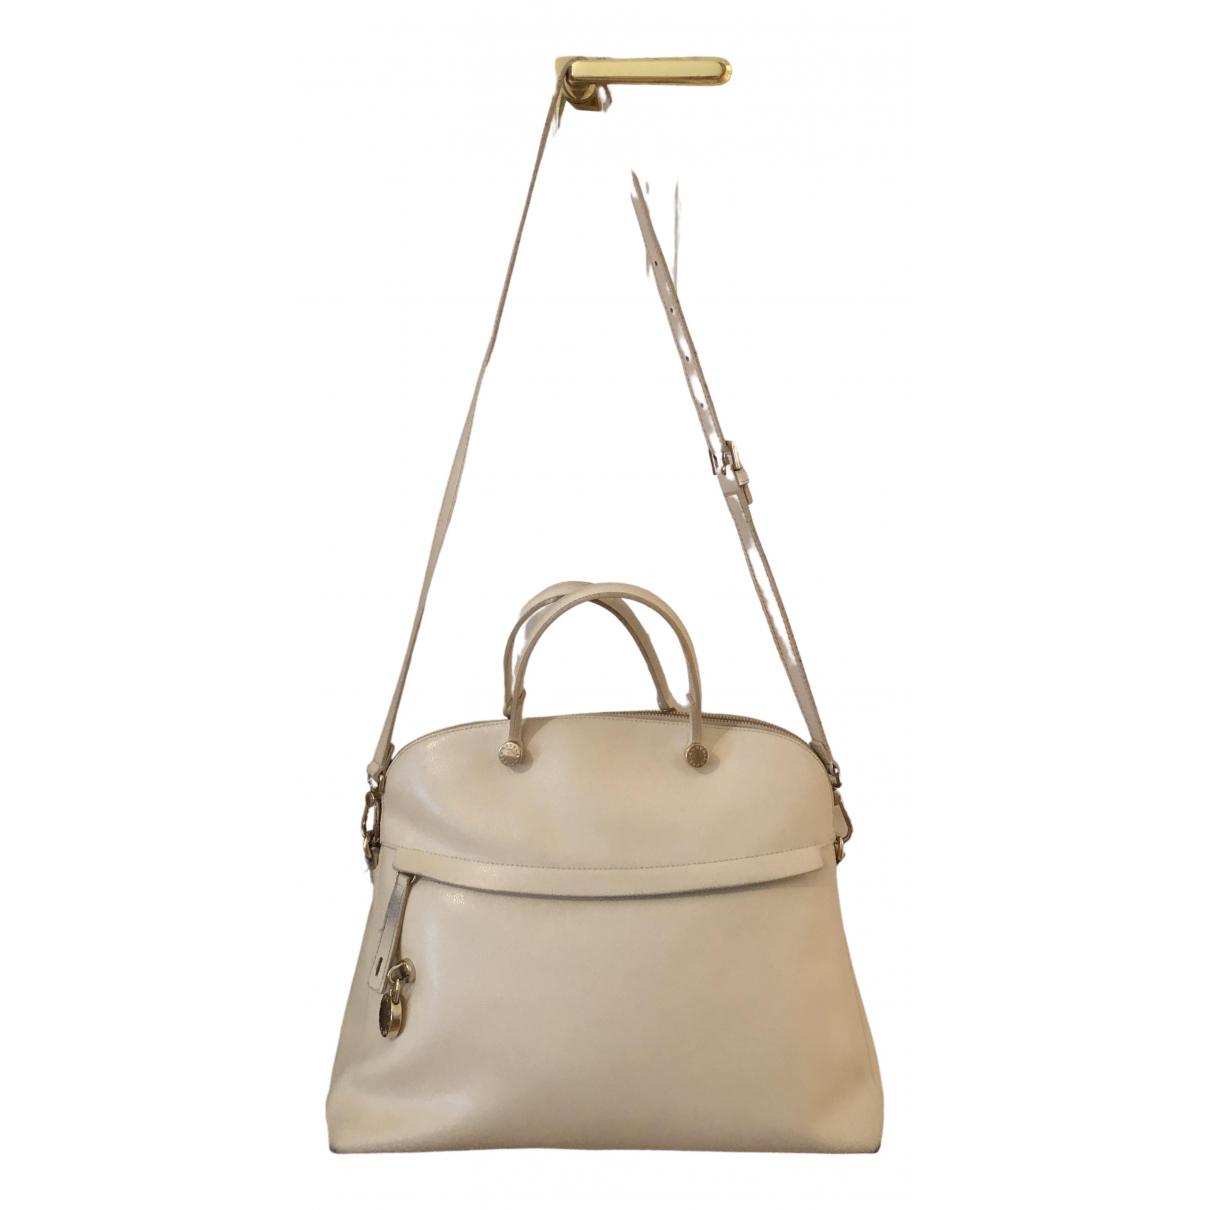 Furla \N Ecru Leather handbag for Women \N